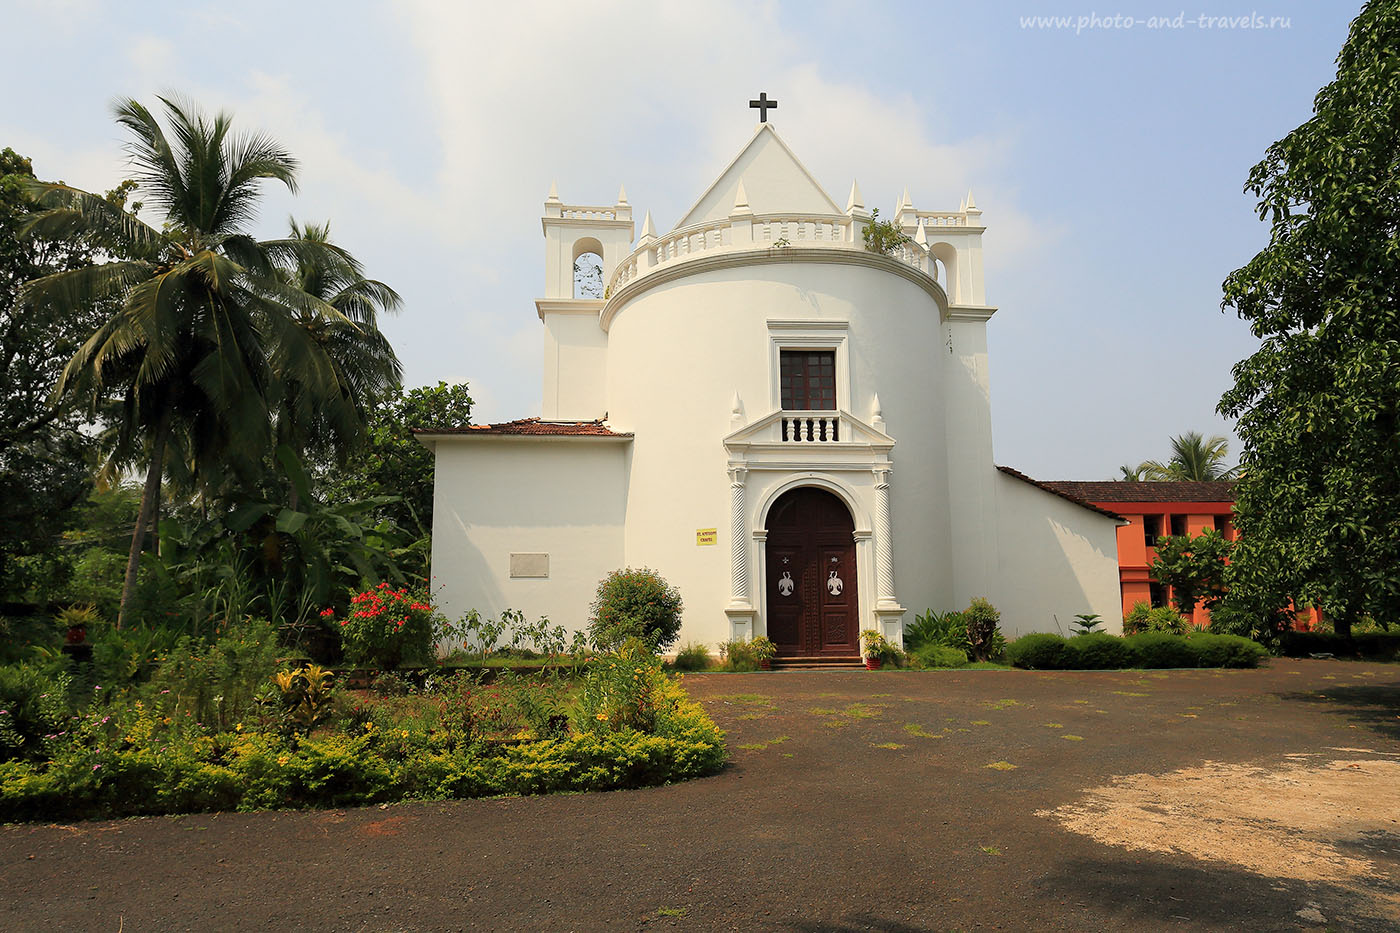 Фотография 24. Часовня Св. Антония в Старом Гоа. Туры в Индию самостоятельно (17-40, 1/200, 0eV, f9, 17mm, ISO 100)